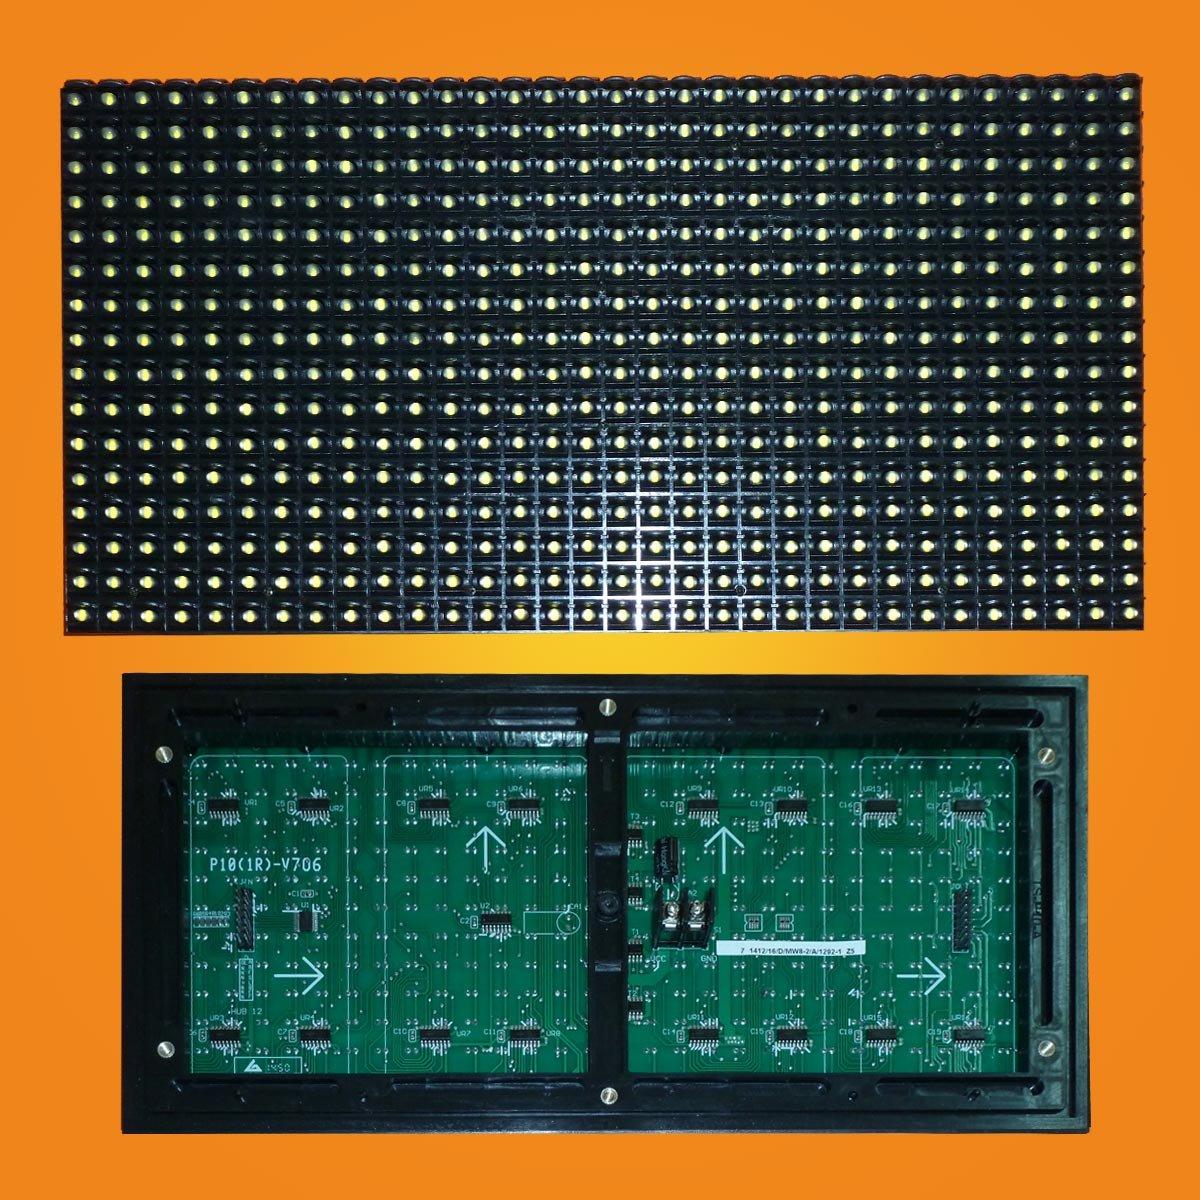 Led модуль желтый P10 32*16 YELLOW для наружного применения (outdoor).